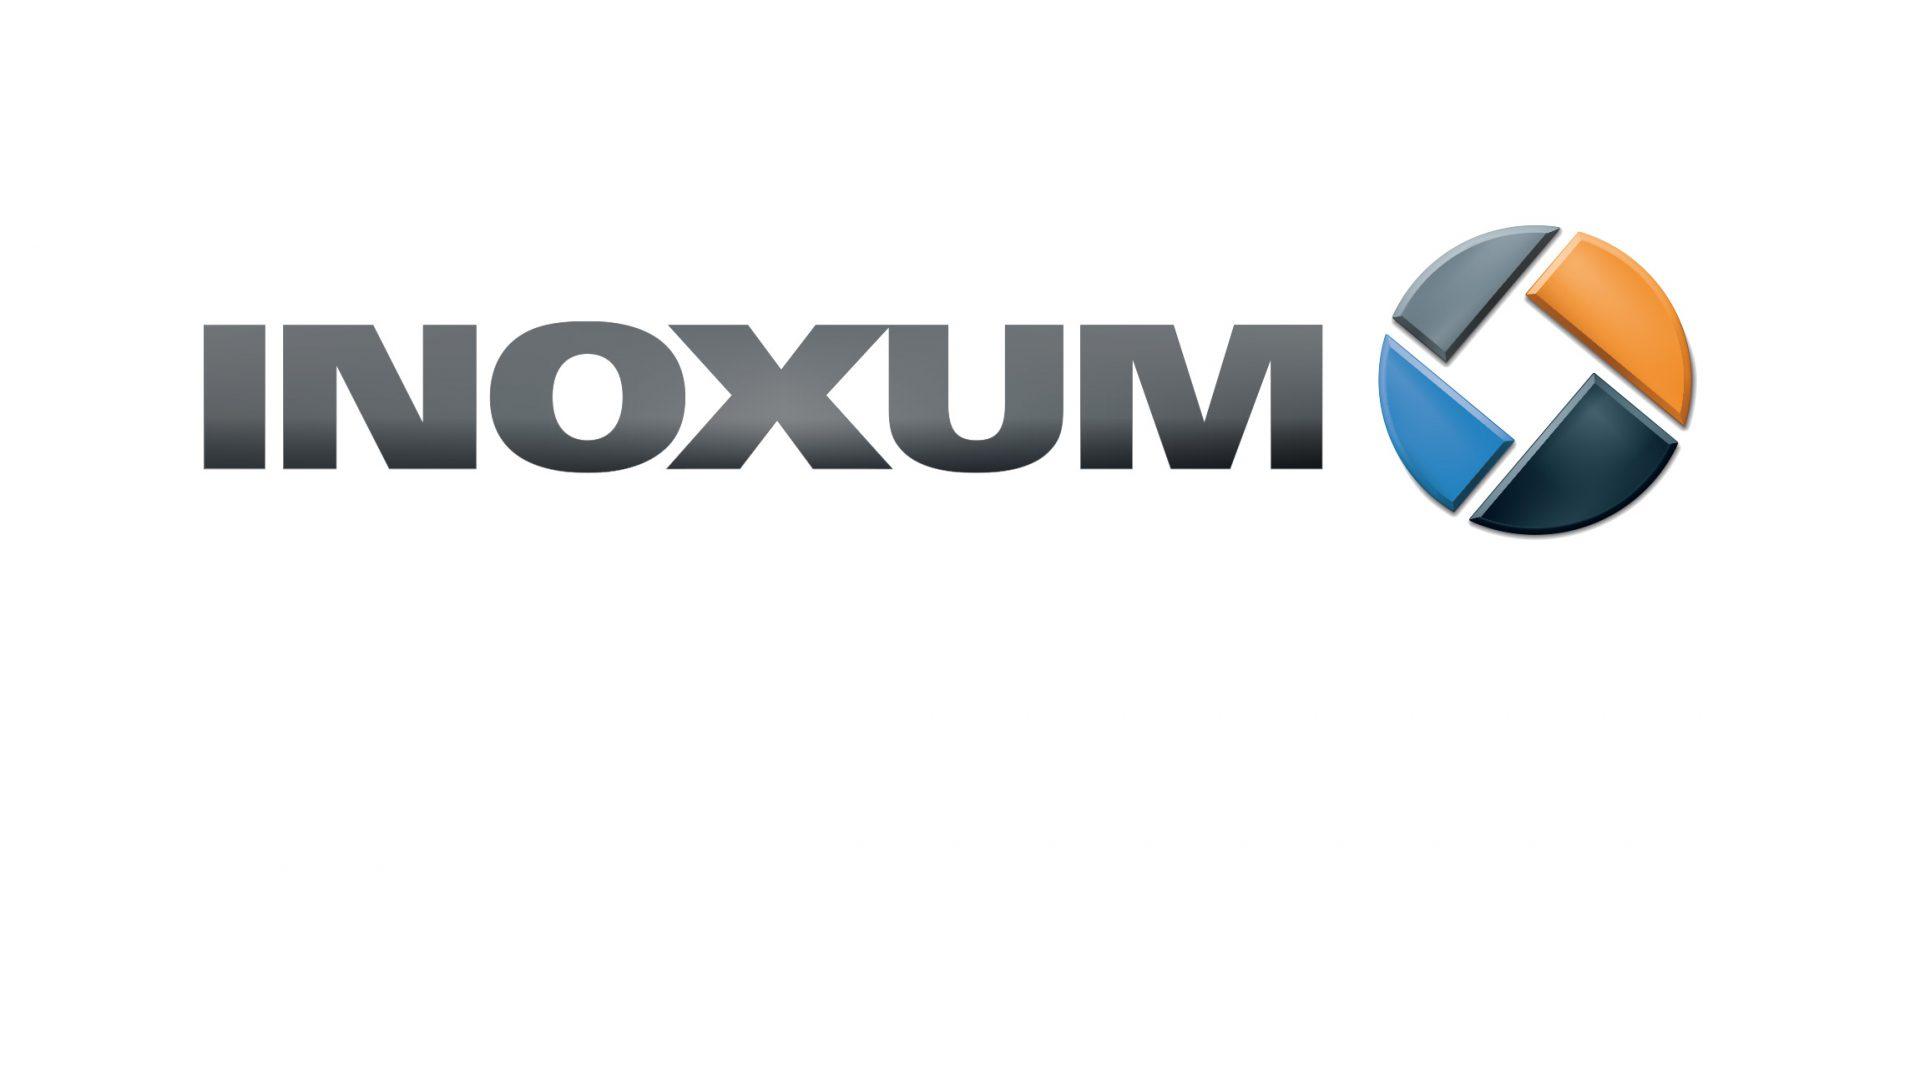 Logo von Inoxum, der ehemaligen Edelstahlsparte von ThyssenKrupp. Corporate Design: Realgestalt